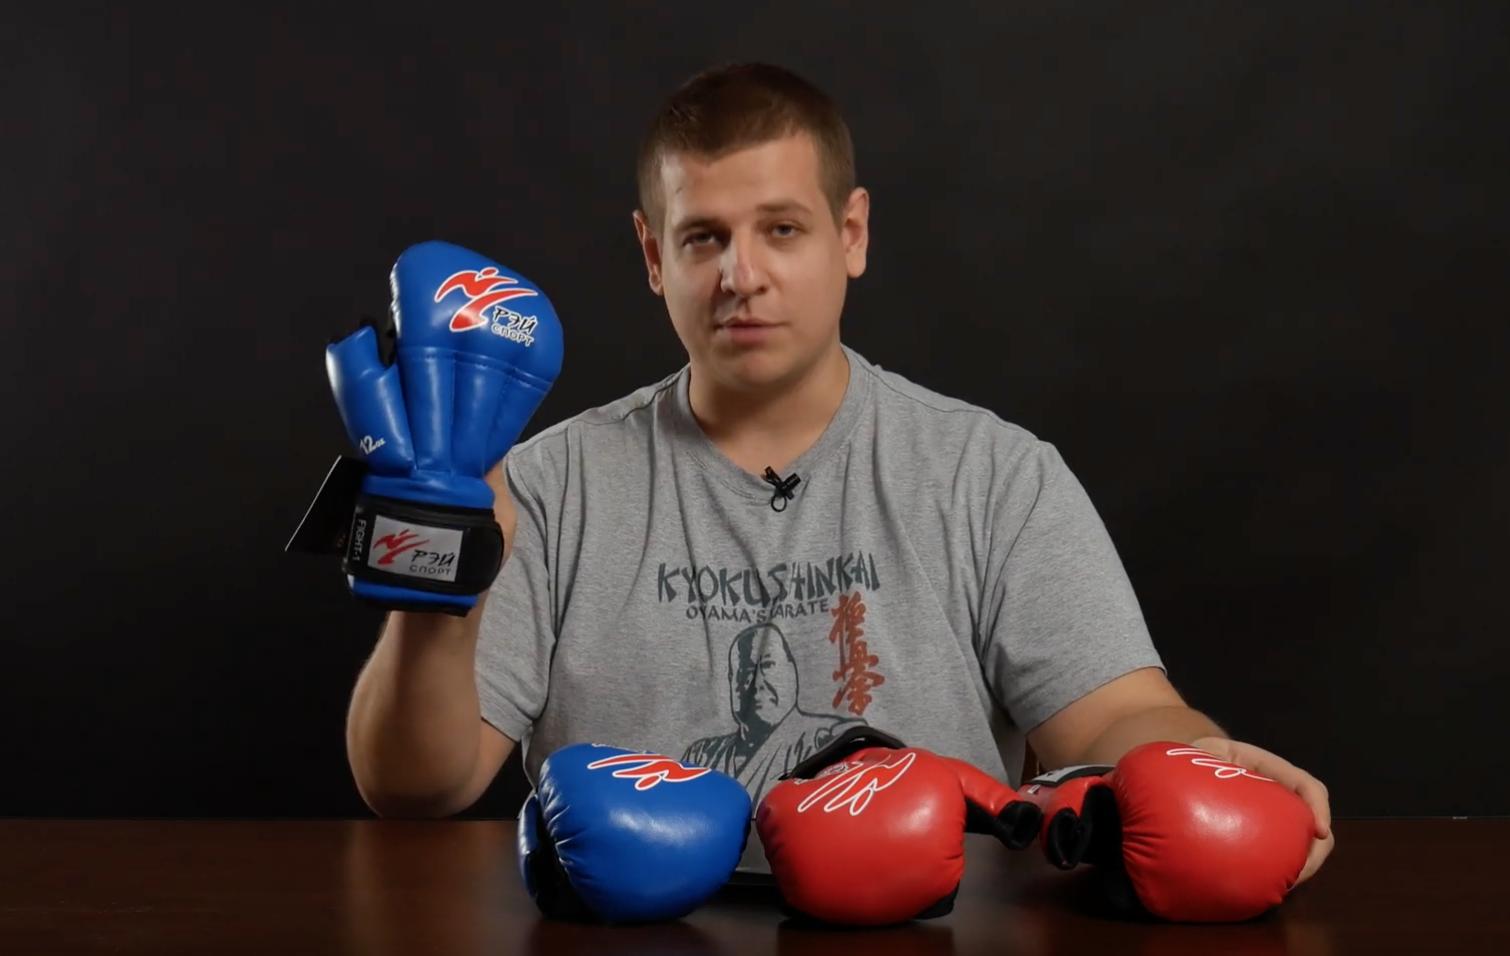 Сравнение перчаток для рукопашного боя фирмы Рэй-спорт